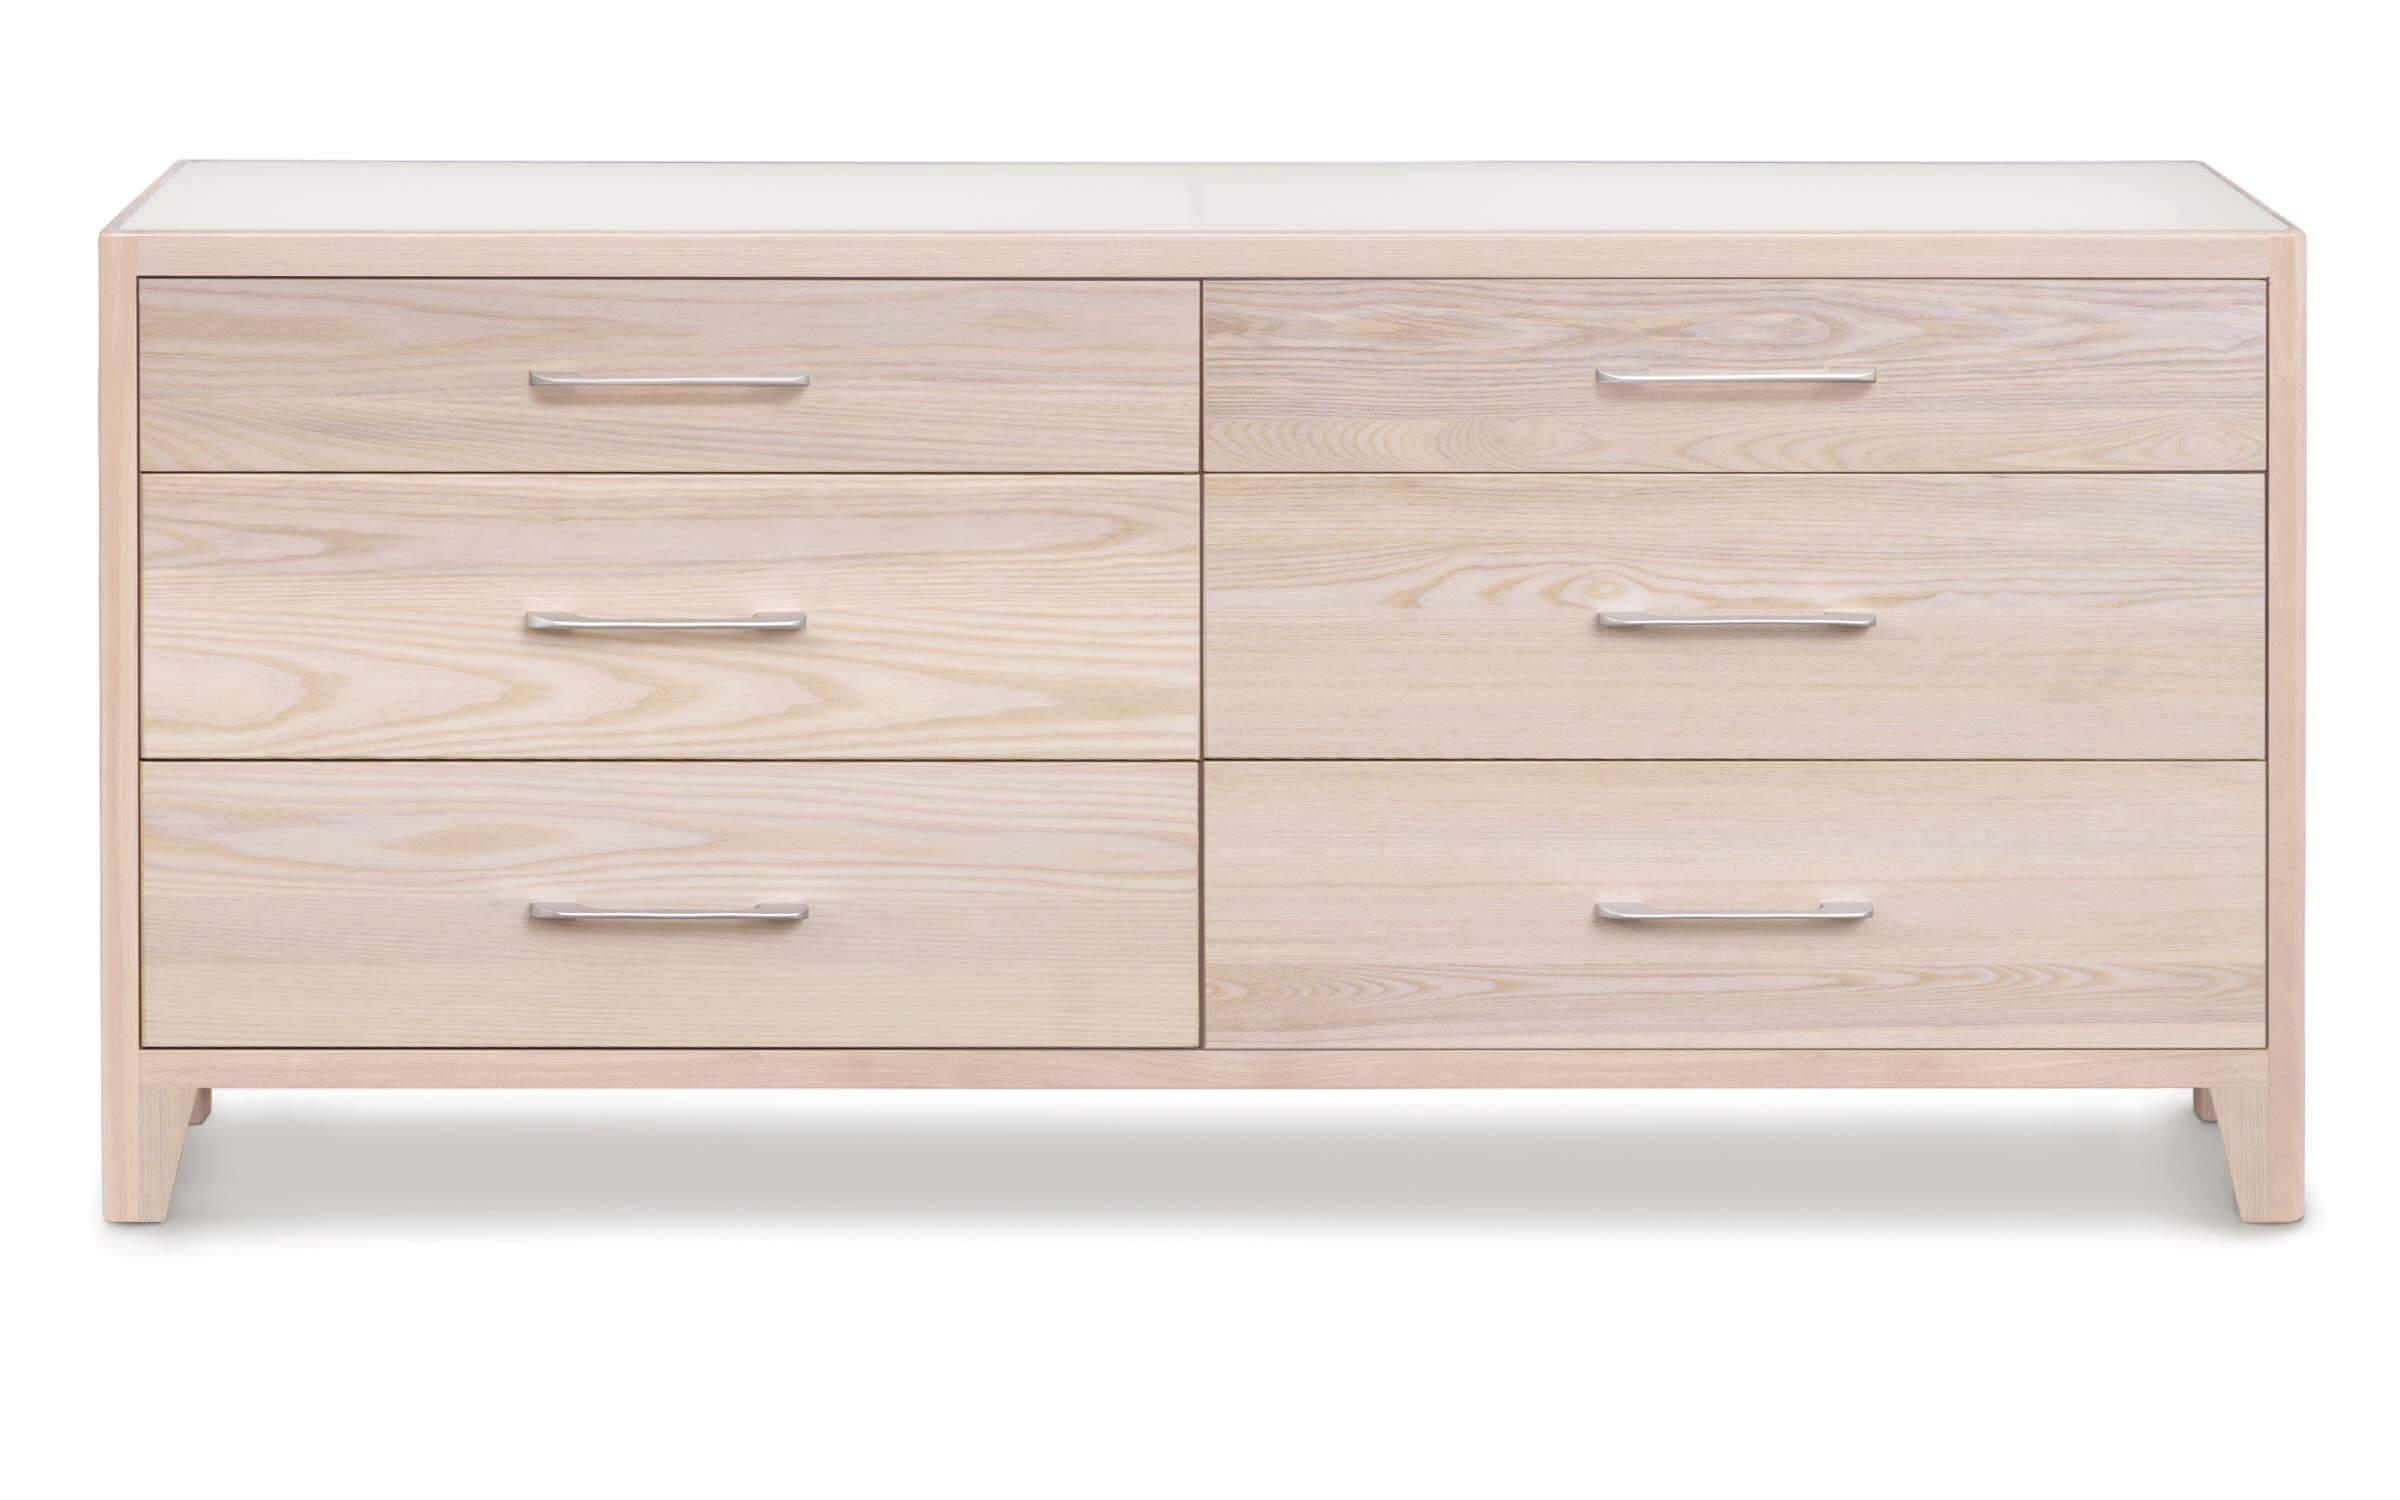 B&M Copeland Contour Dresser